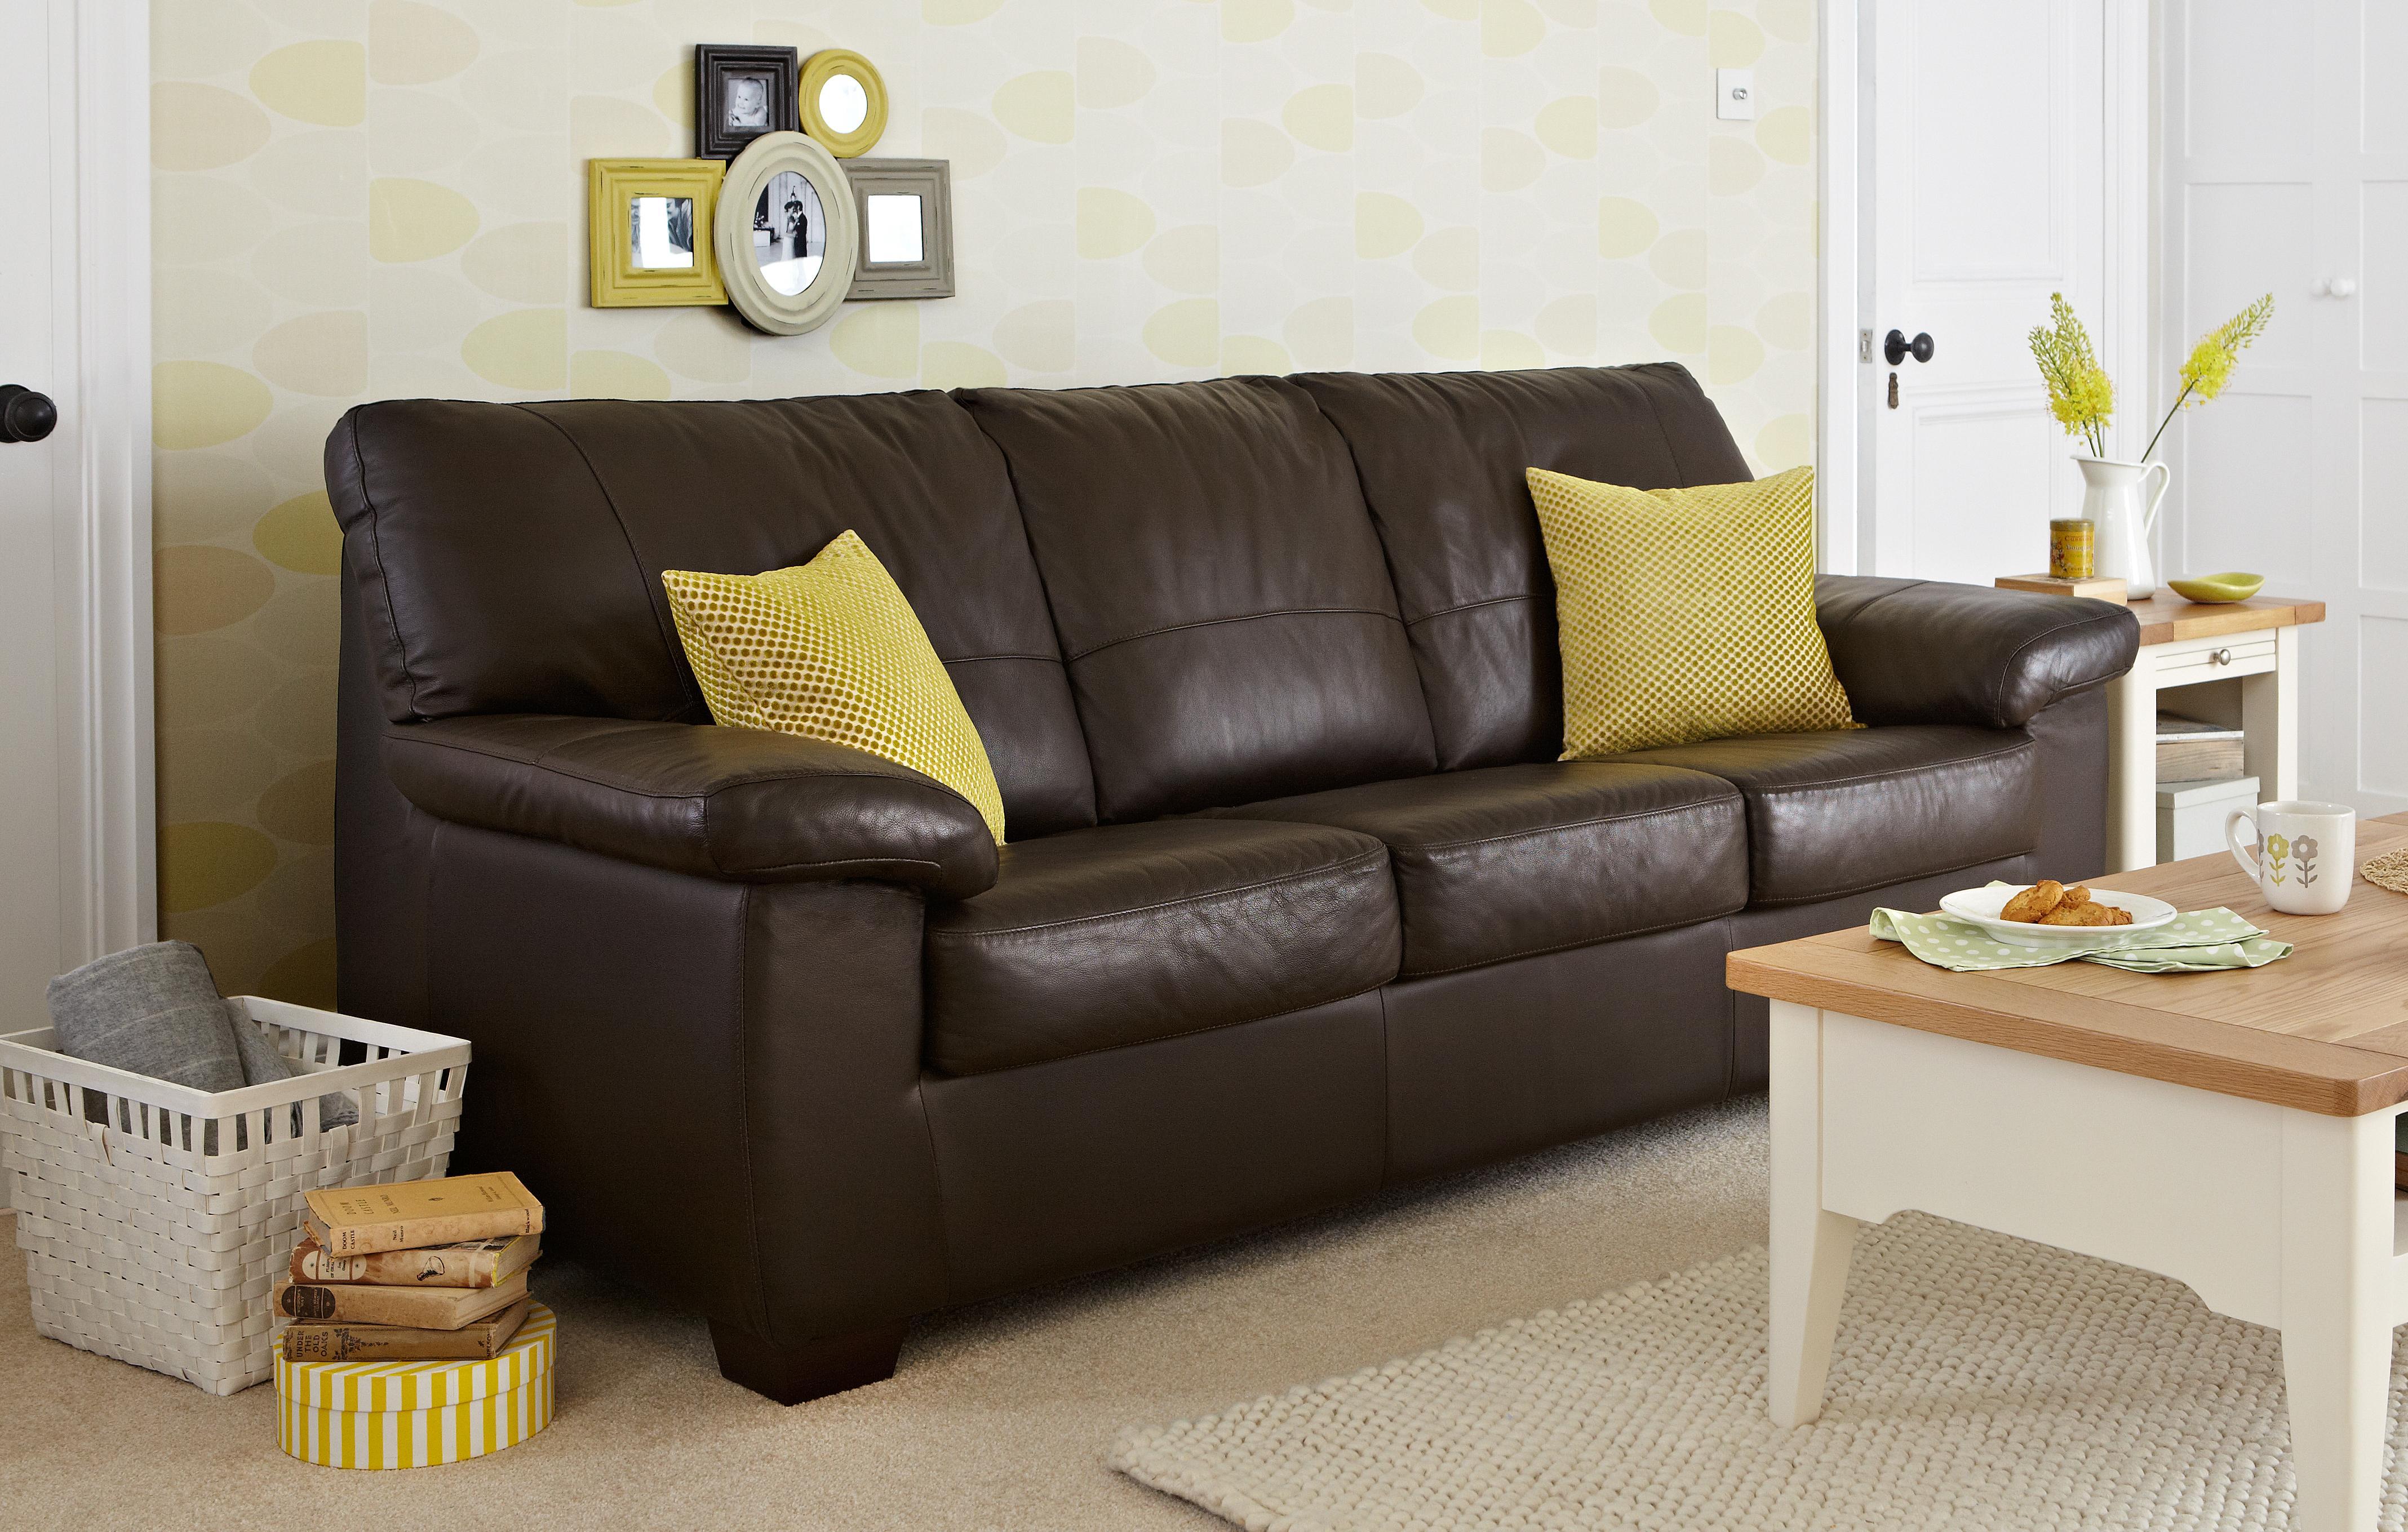 Prime Leather Sofa Beds Dfs Spain Lamtechconsult Wood Chair Design Ideas Lamtechconsultcom